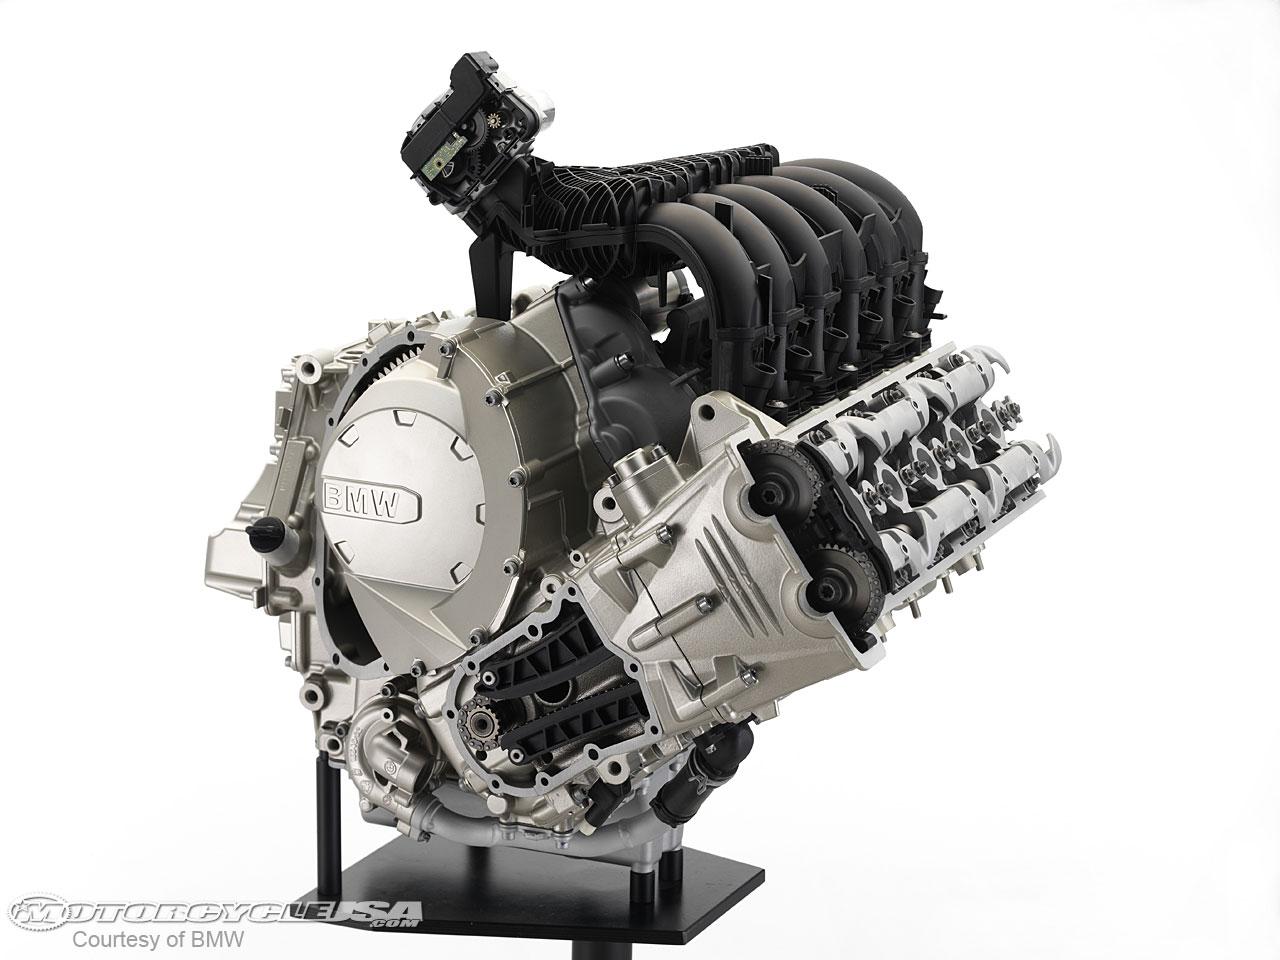 款宝马K1600GT摩托车图片3